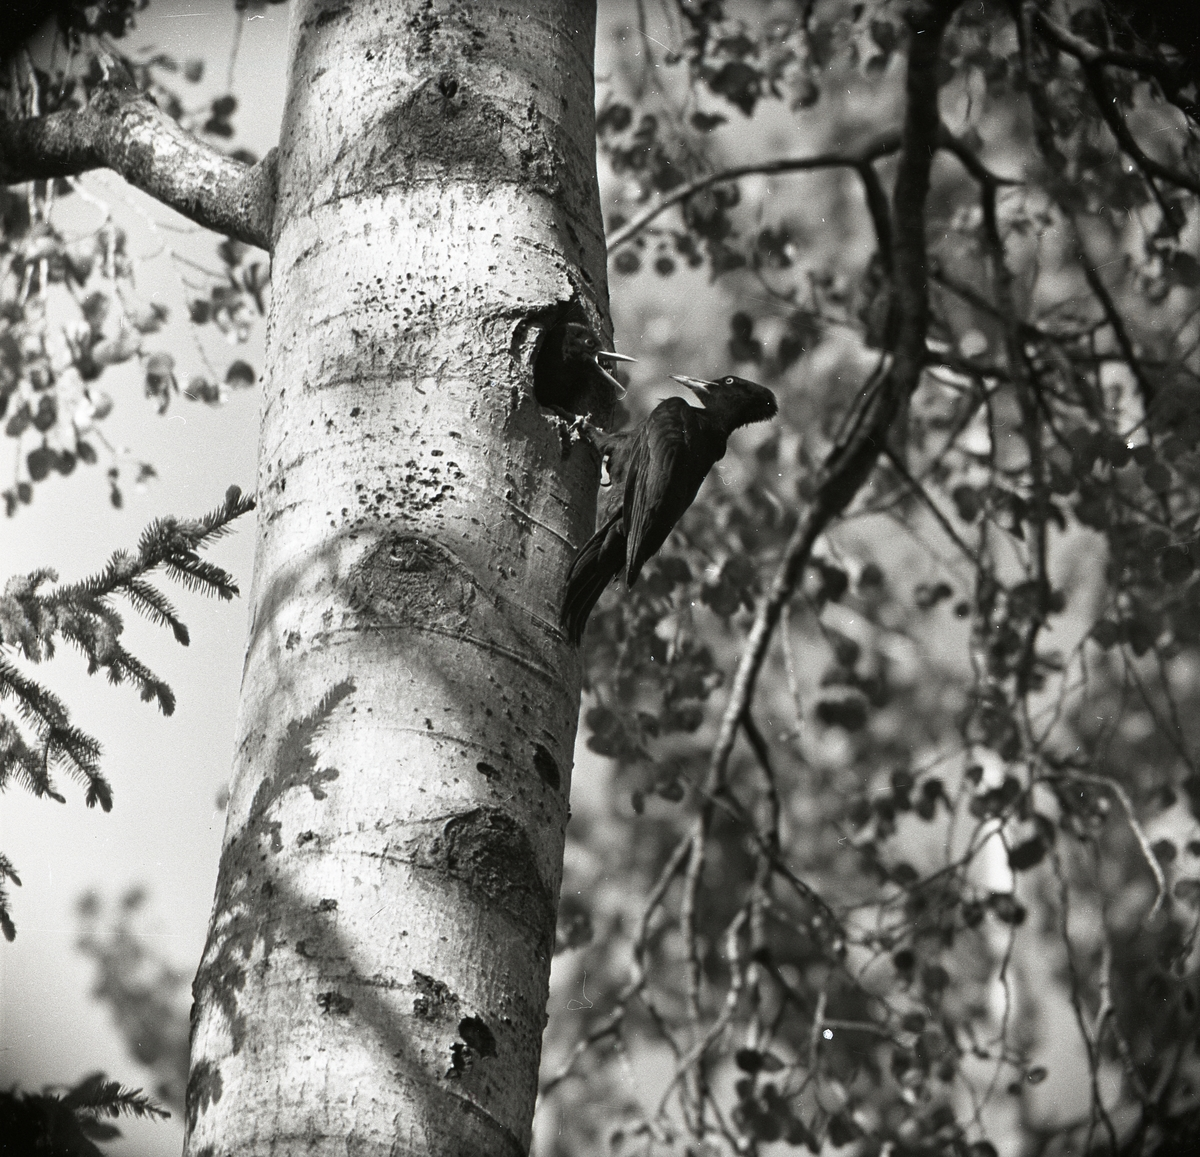 En ihållighet inuti ett träd har blivit hem för två spillkråkor. Den ena spillkråkan hänger utanpå trädet med fötterna greppade runt hållighetens kant. Andra fågeln ligger i trädet med gapande näbb riktad mot sin fågelfrände. Trädets omgivning rymmer lövverk, grenar och grankvistar.